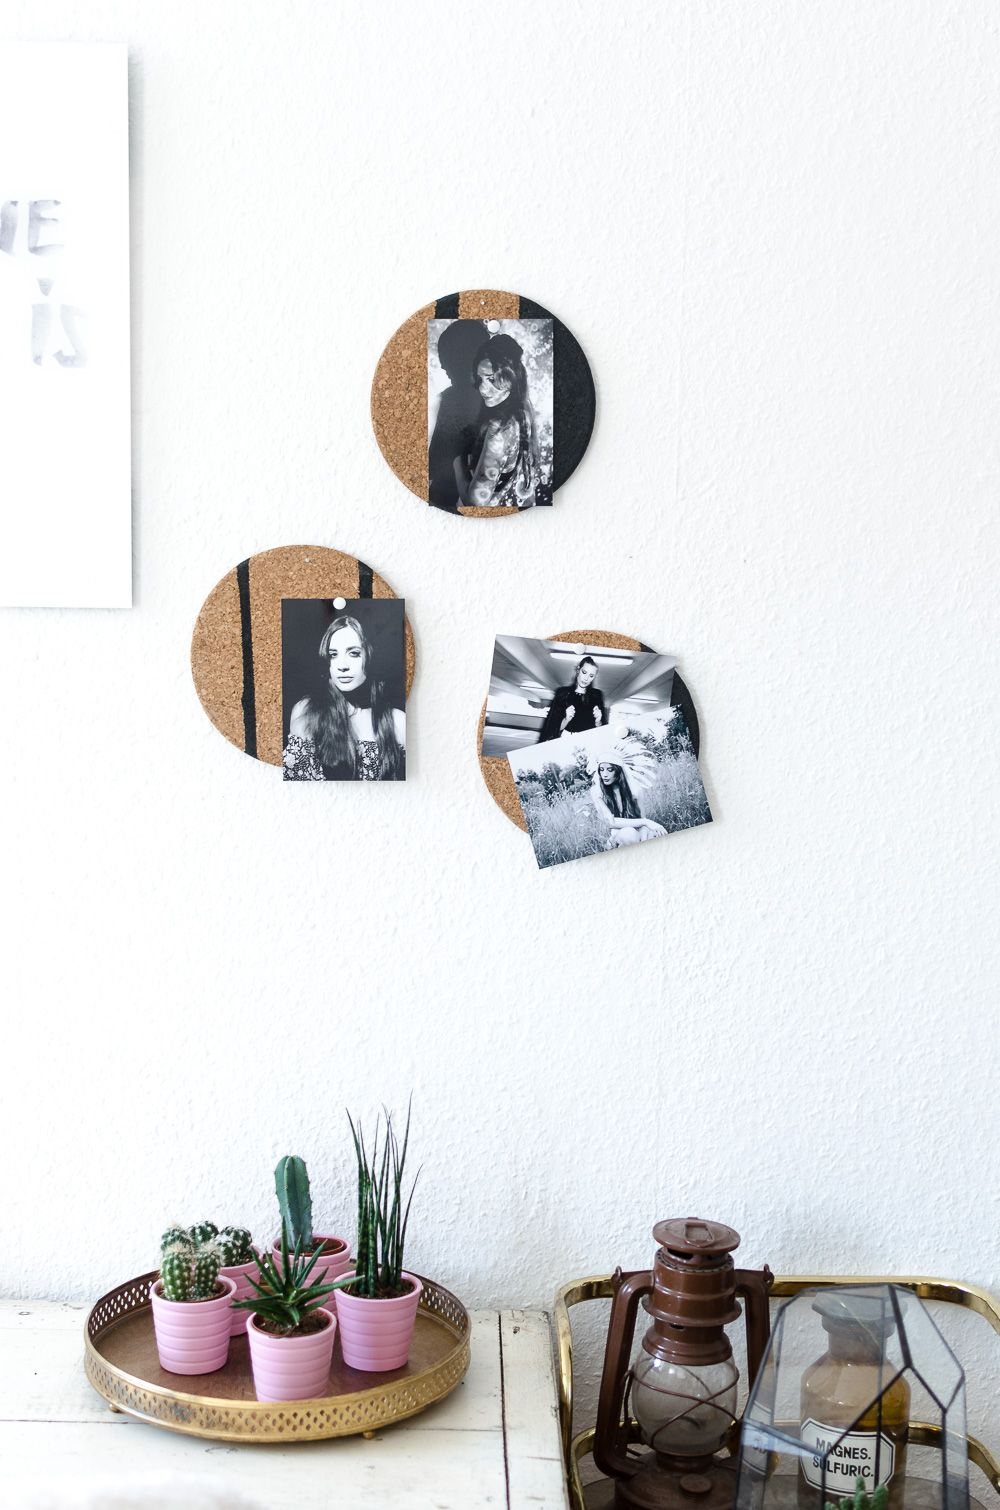 Pinnwand Kork Ikea diy foto pinnwand aus kork